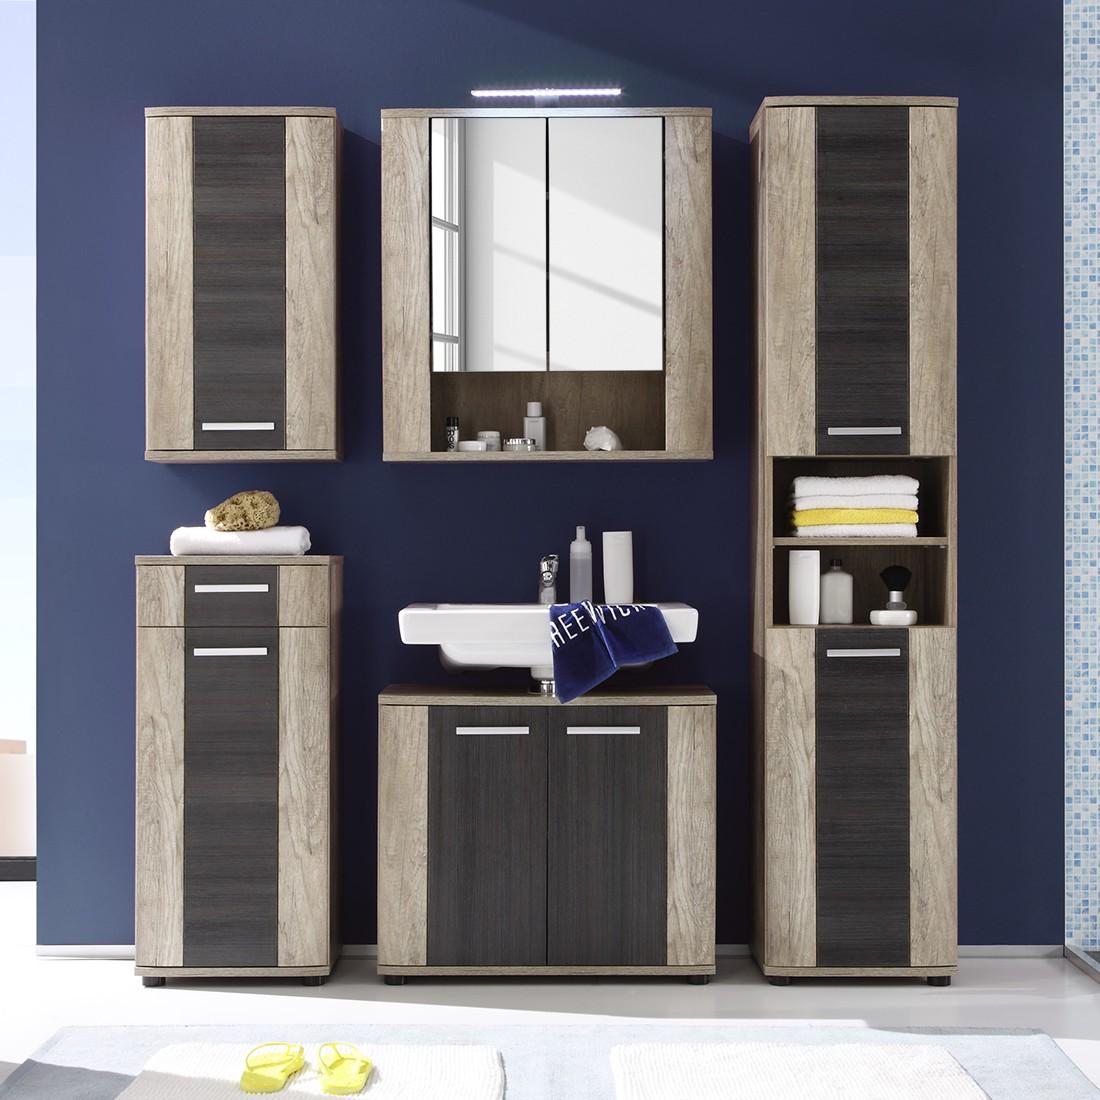 Home 24 - Eek a+, ensemble de salle de bain taris (5 éléments) - imitation chêne / touchwood, trendteam